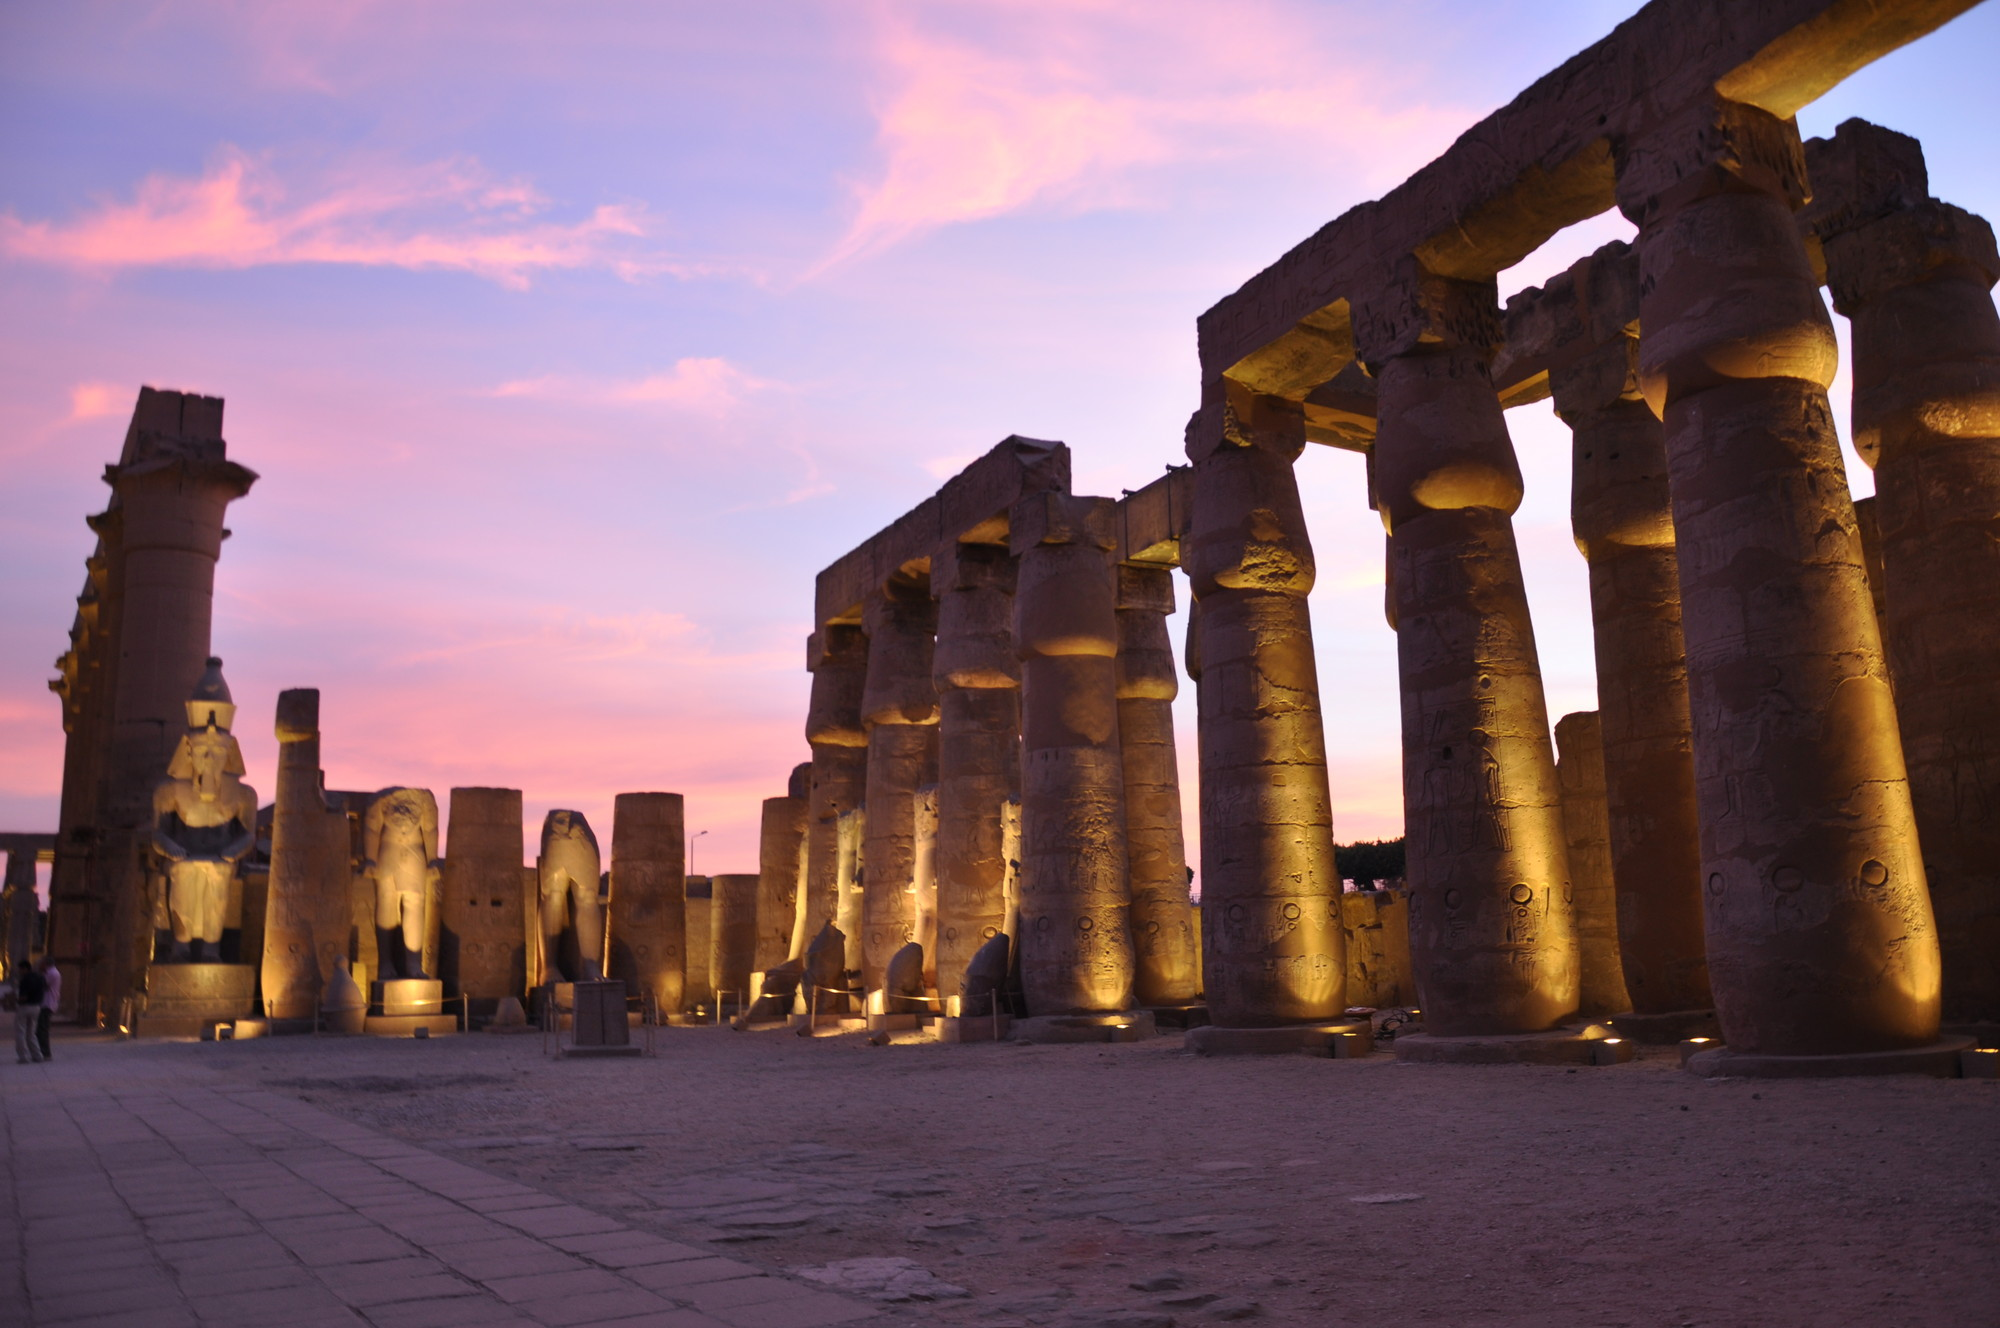 Parte 2: Iluminação monumental e artística de templos e tumbas do Egito faraônico por ACXT/ IDOM, Cortesia de acxt